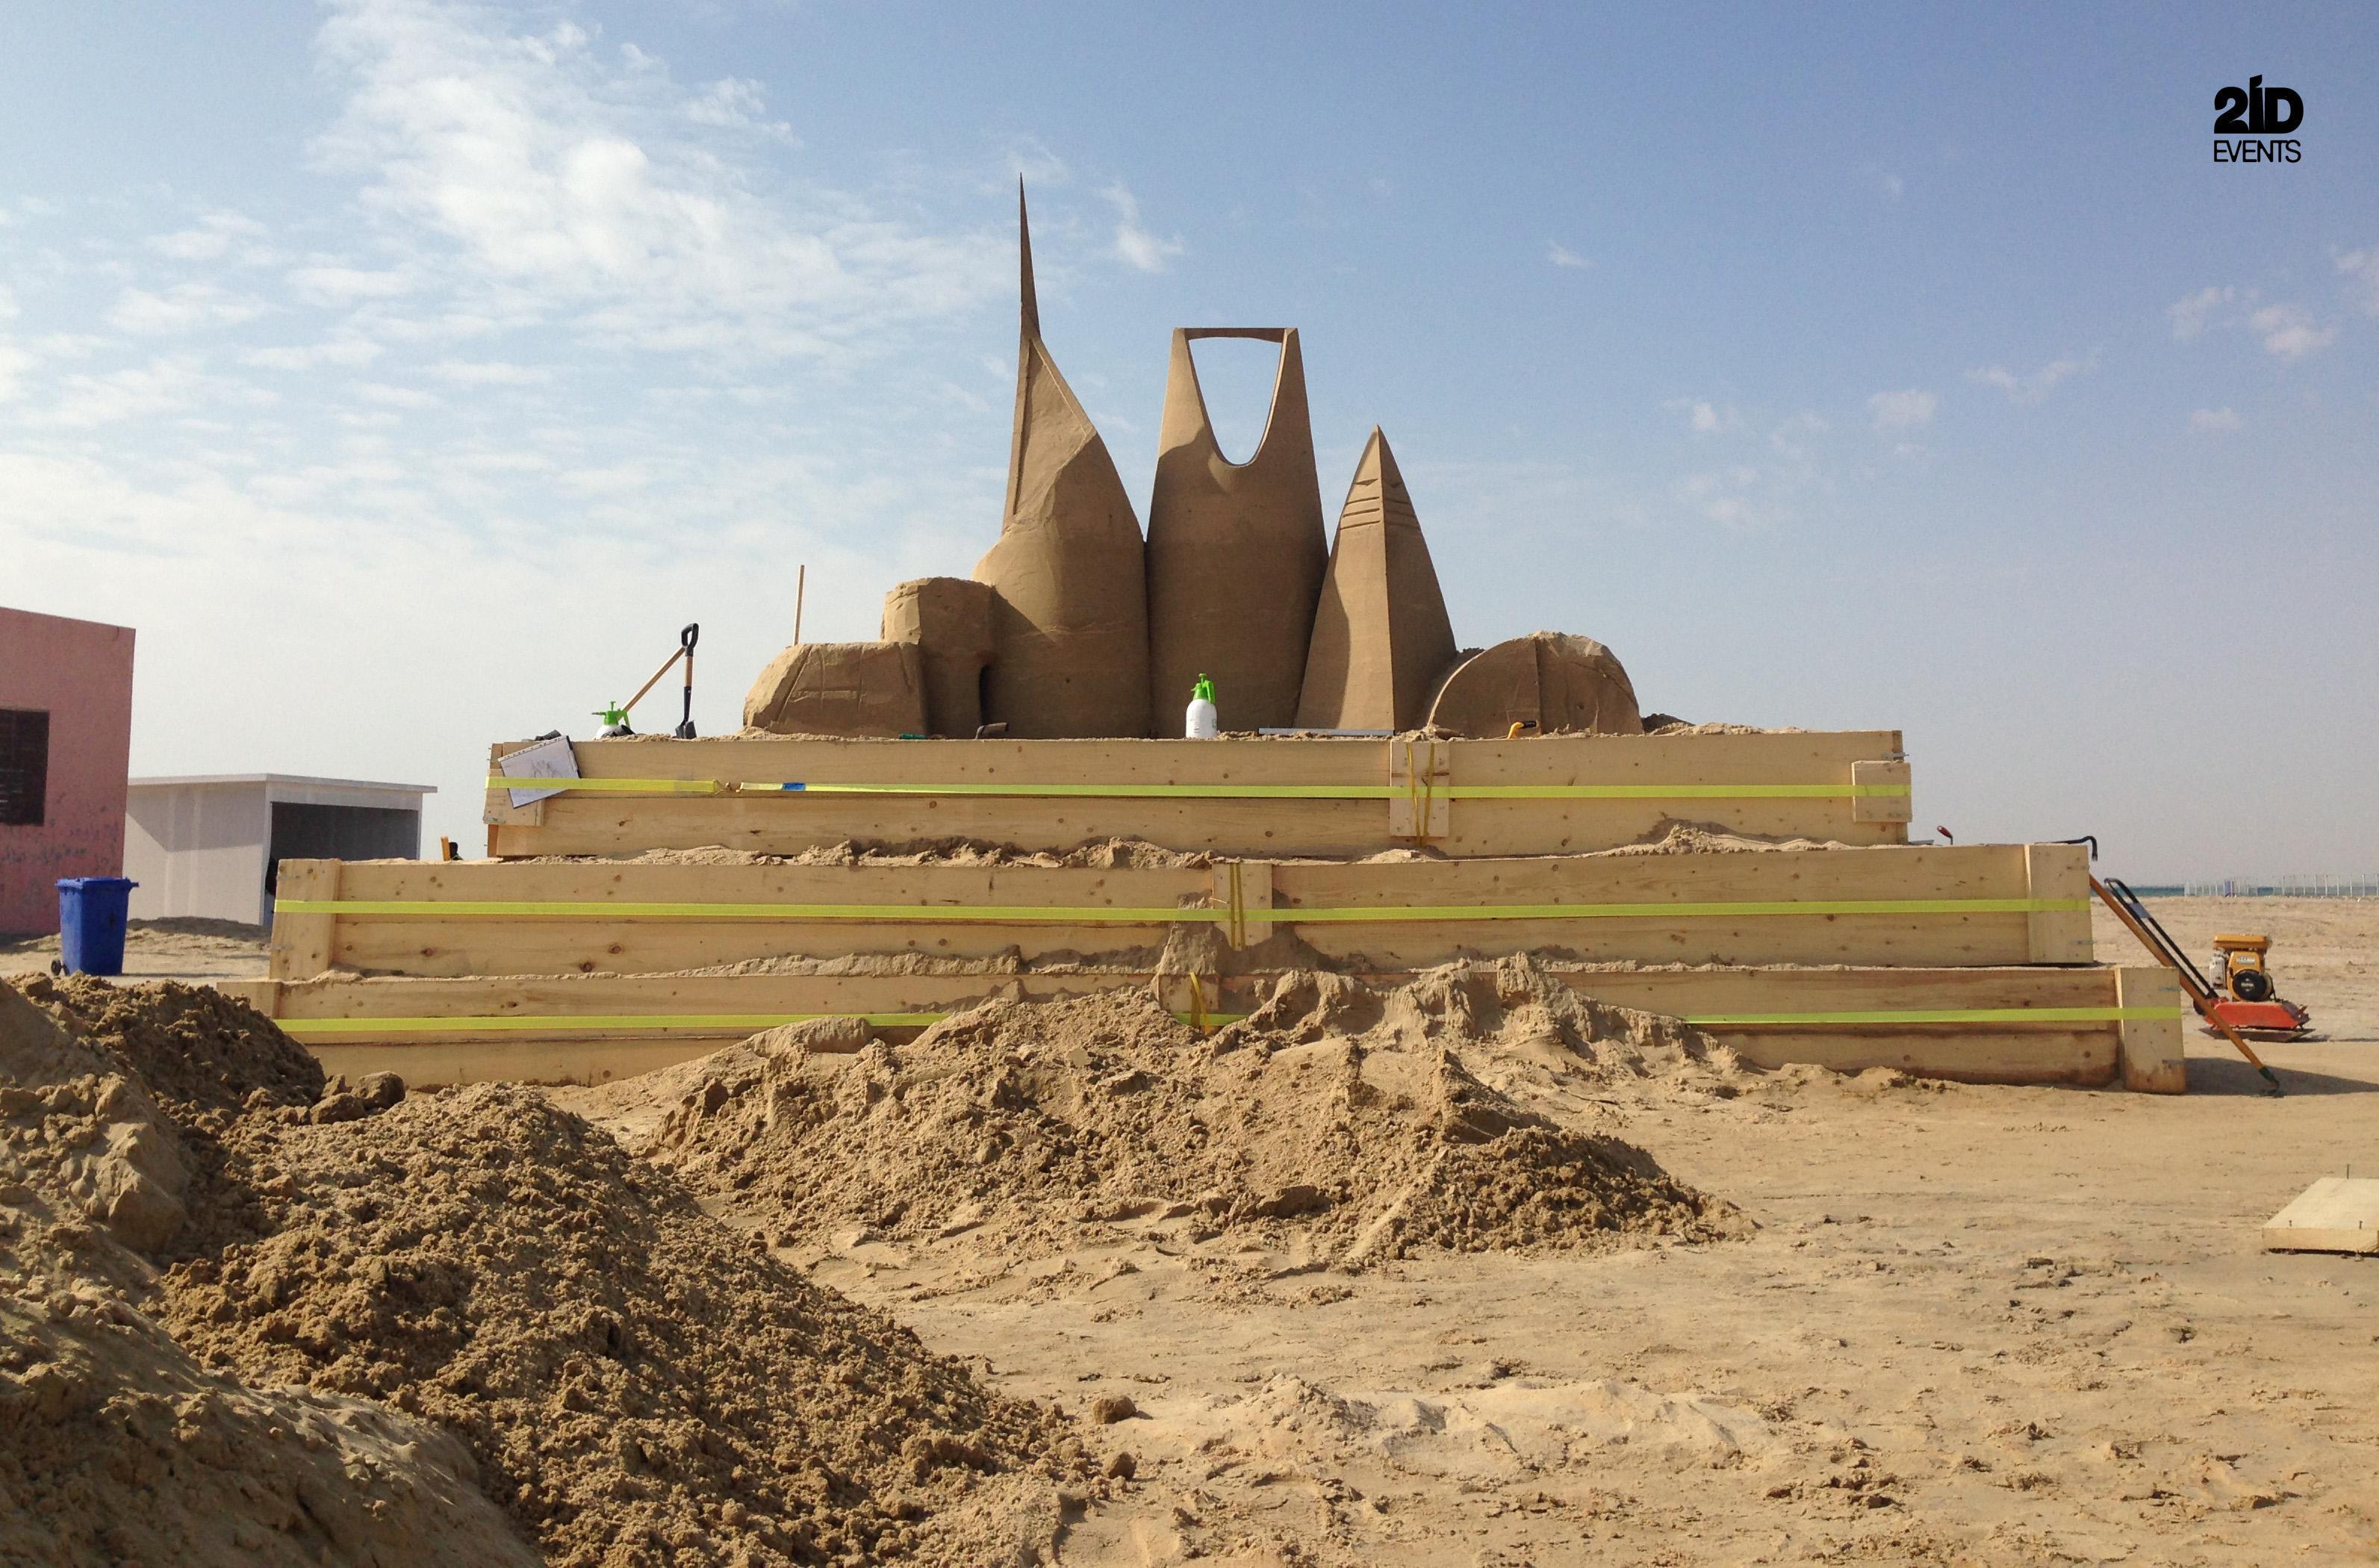 SAND SCULPTURE FOR FESTIVAL IN THE KSA